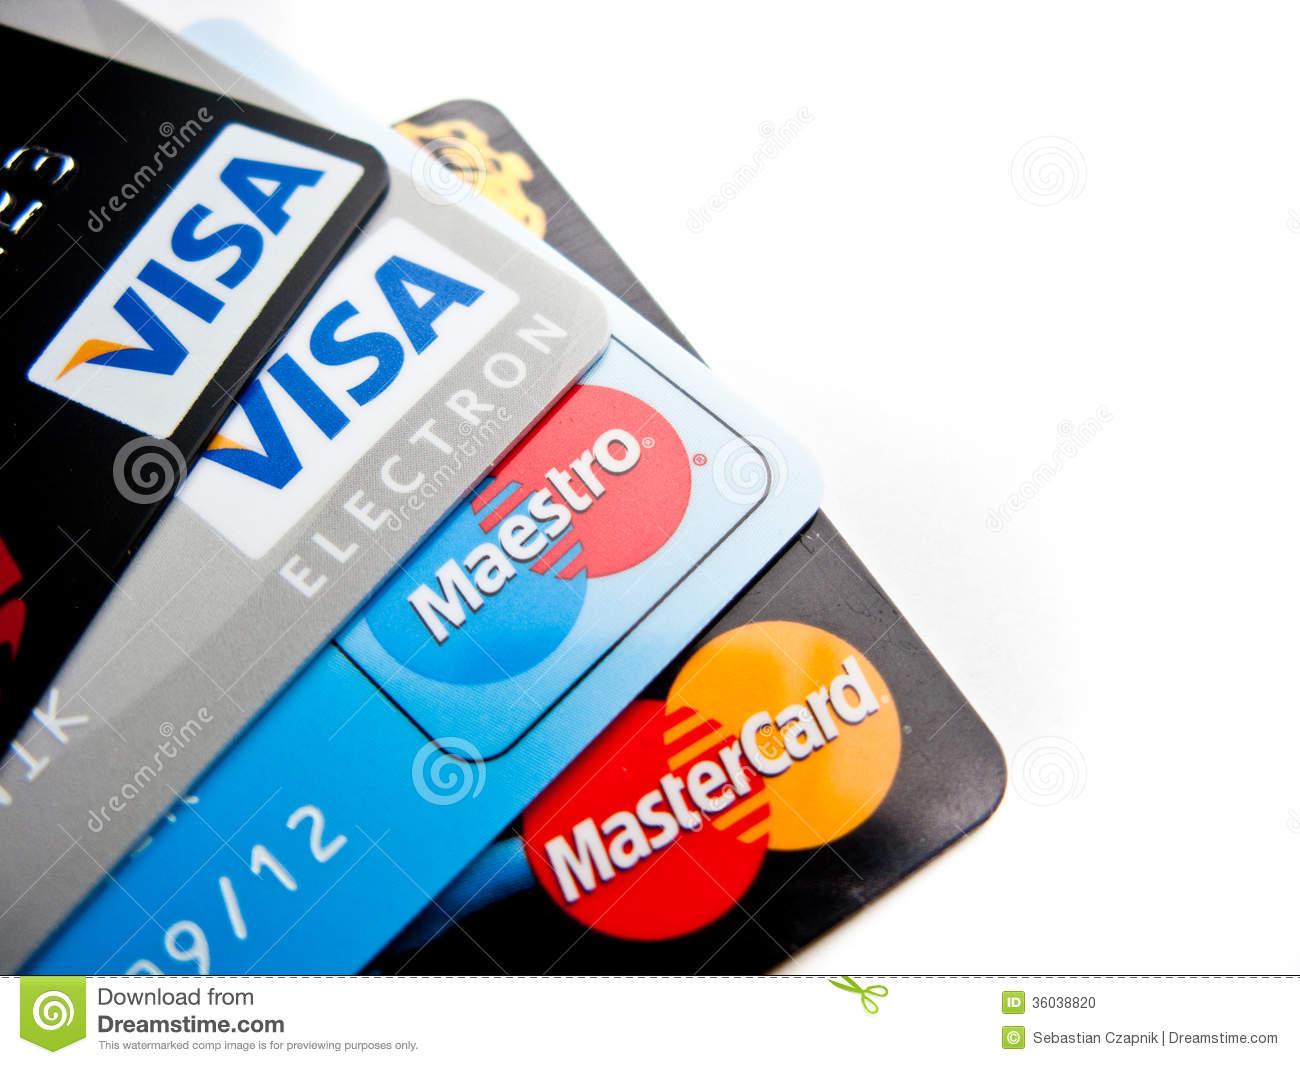 Поделки банковских карт